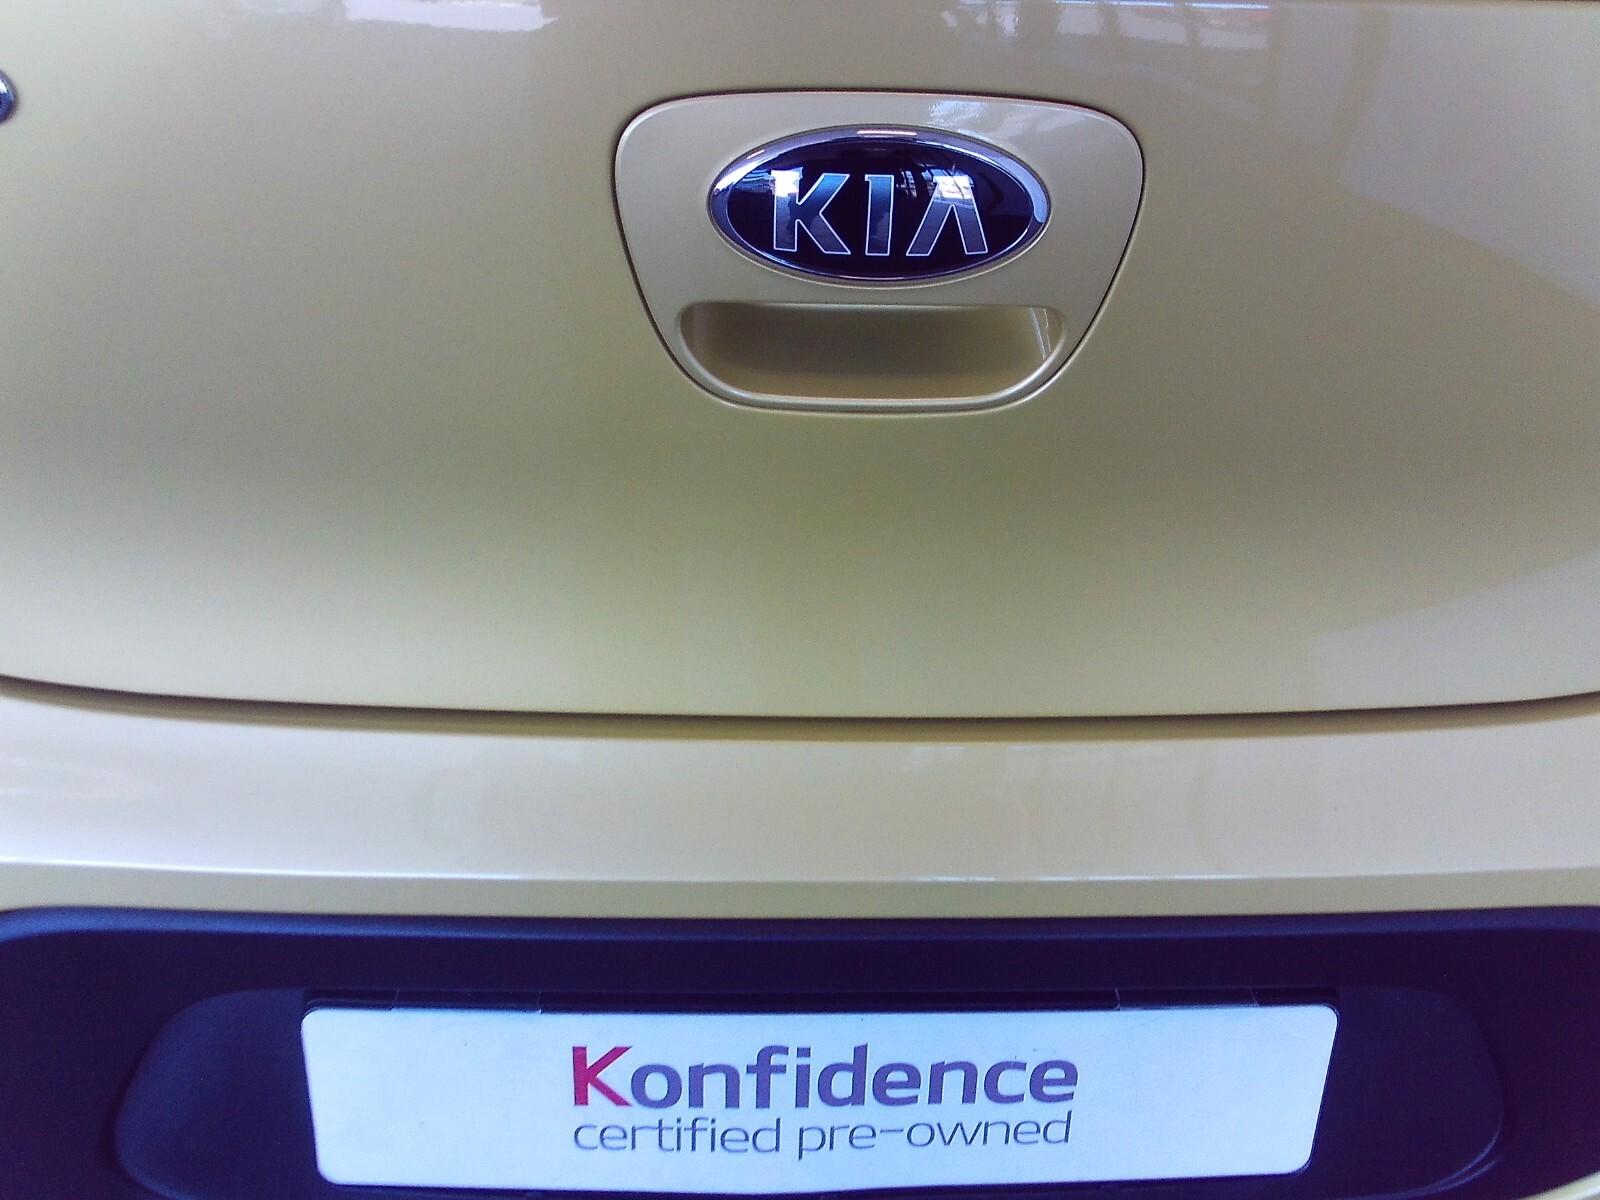 KIA 1.0 START Pretoria 12335324